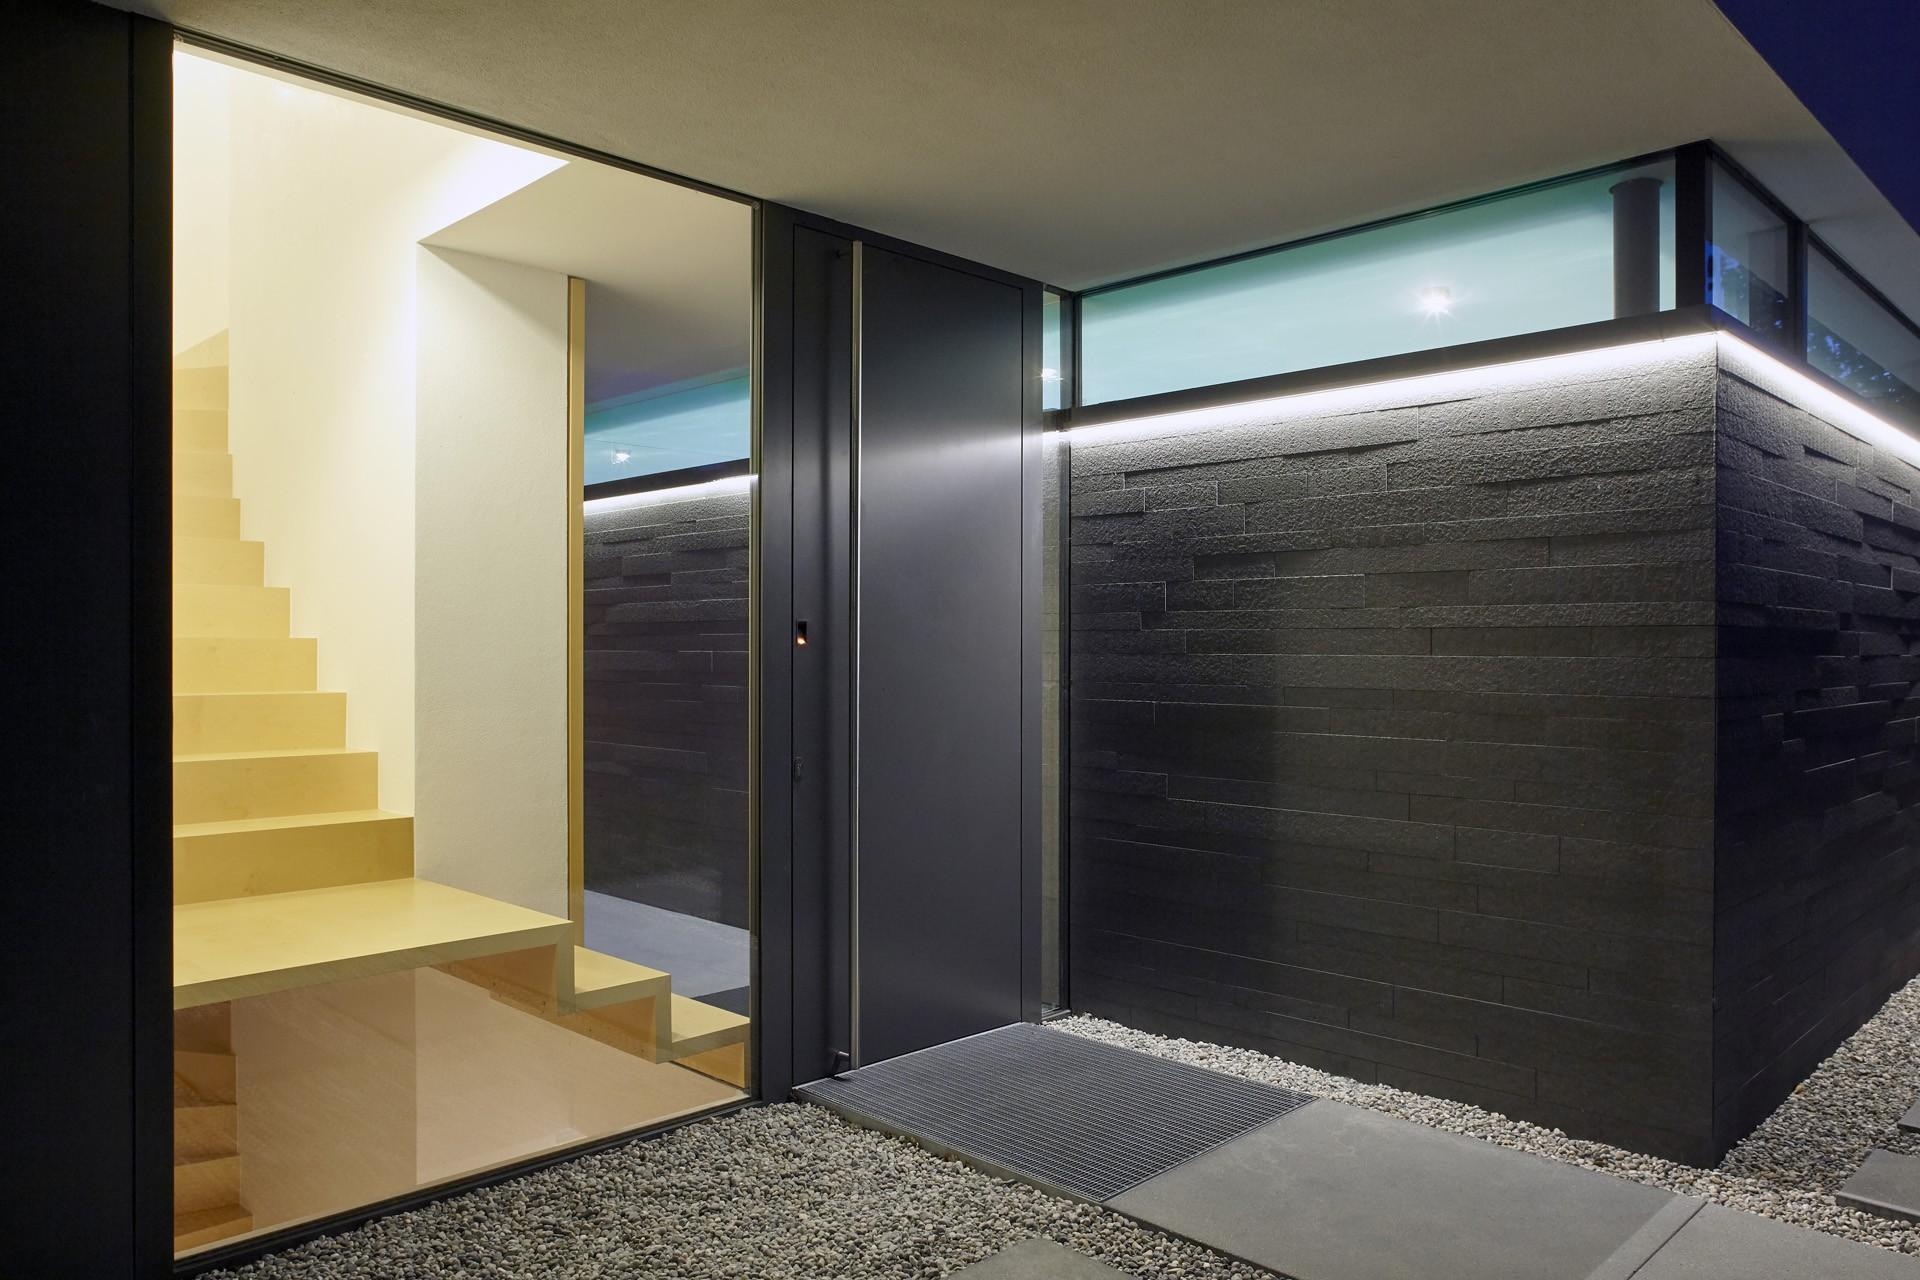 architektur-plus-raum-haus-hm-01